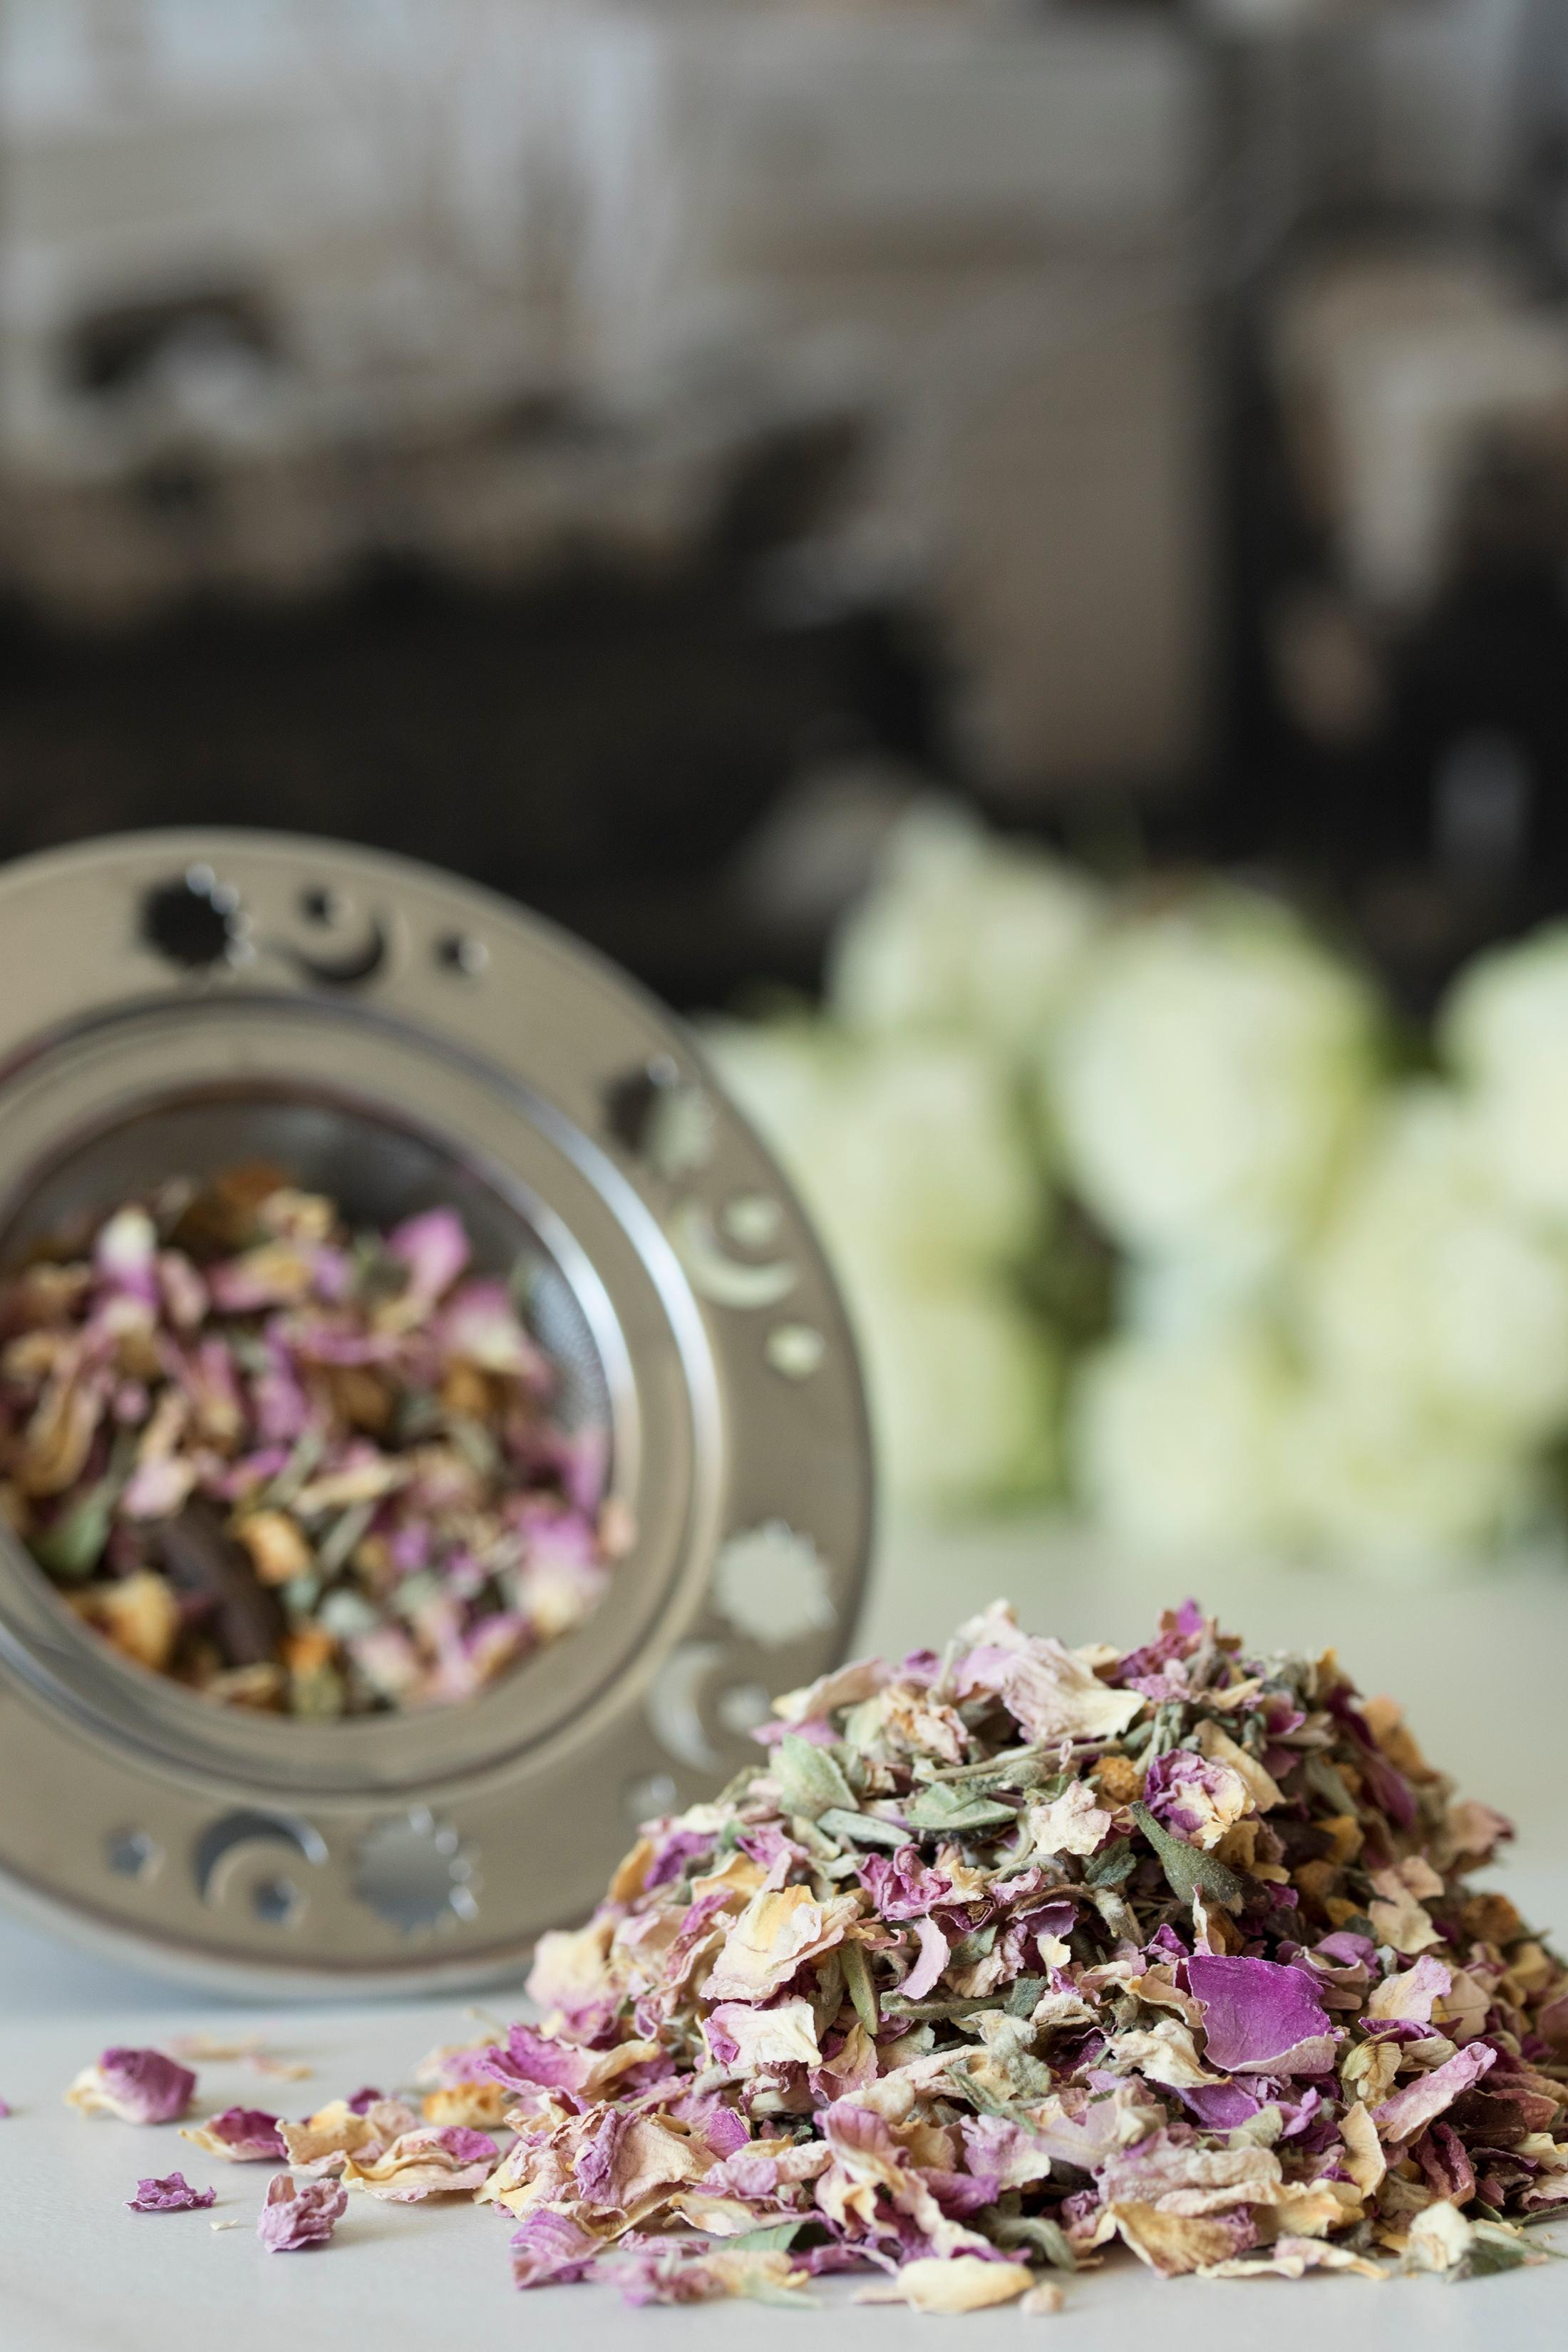 Loose-leaf love tea next to celestial tea strainer